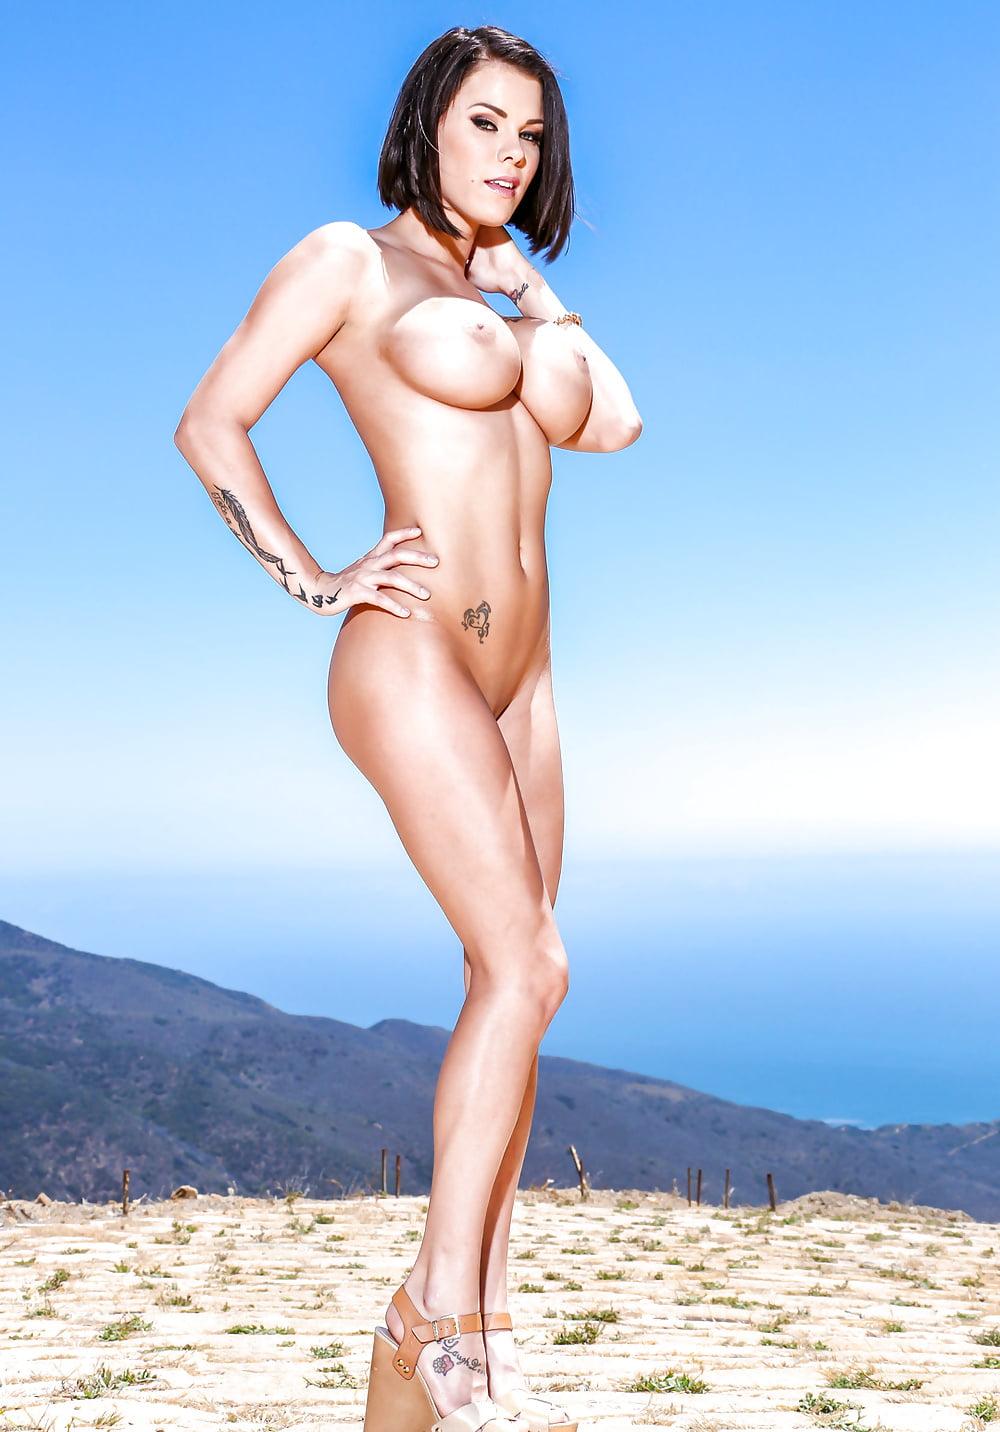 Suzanne mccabe